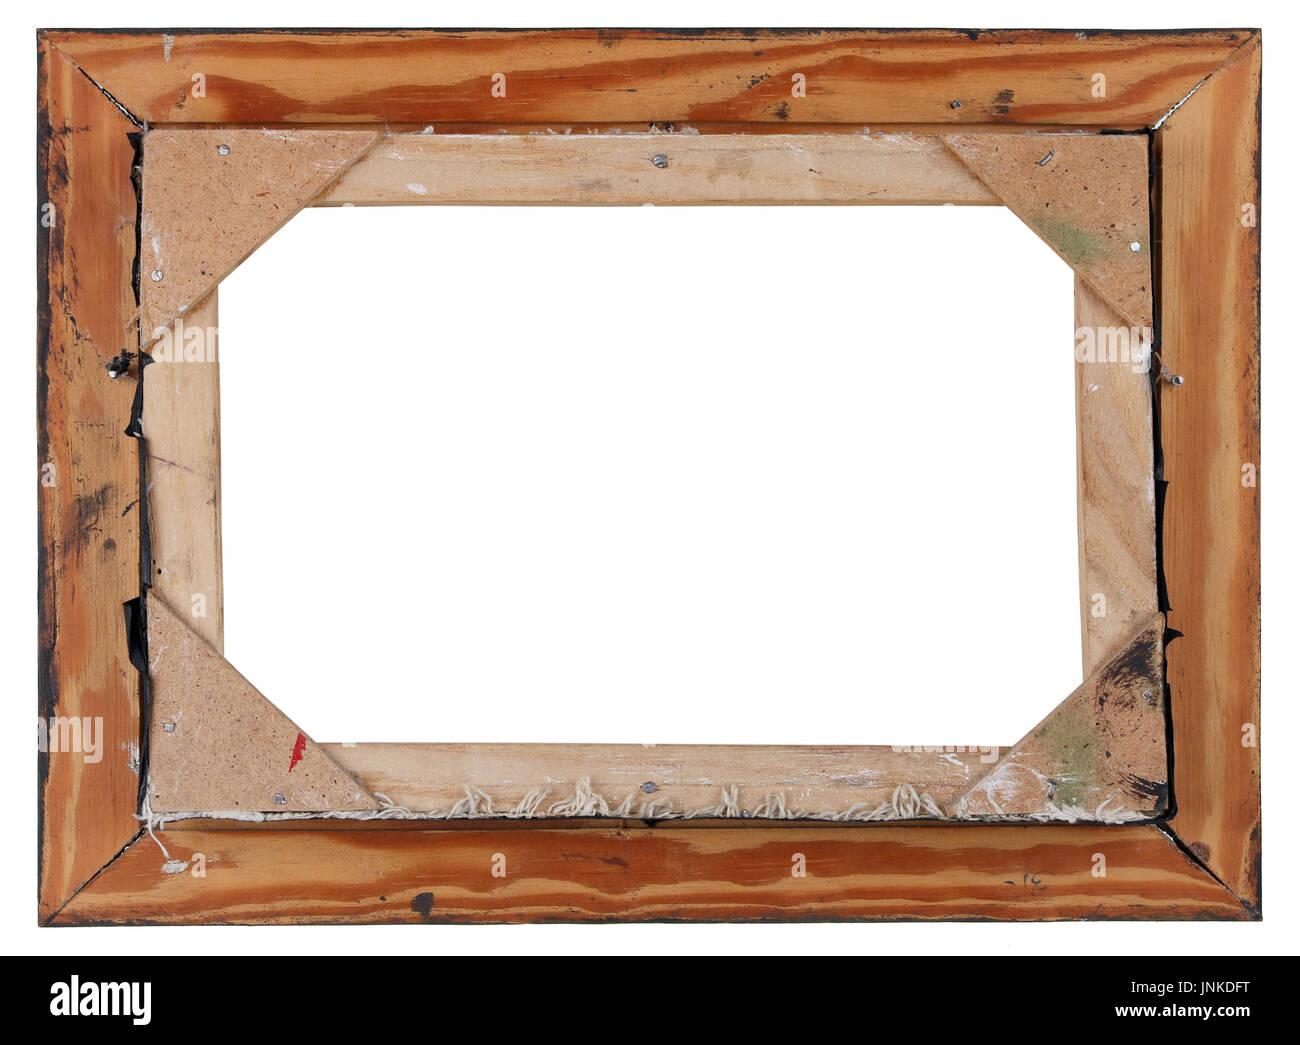 Rückseite des alten Retro-Holz Öl auf Leinwand gemalten Bilder ...